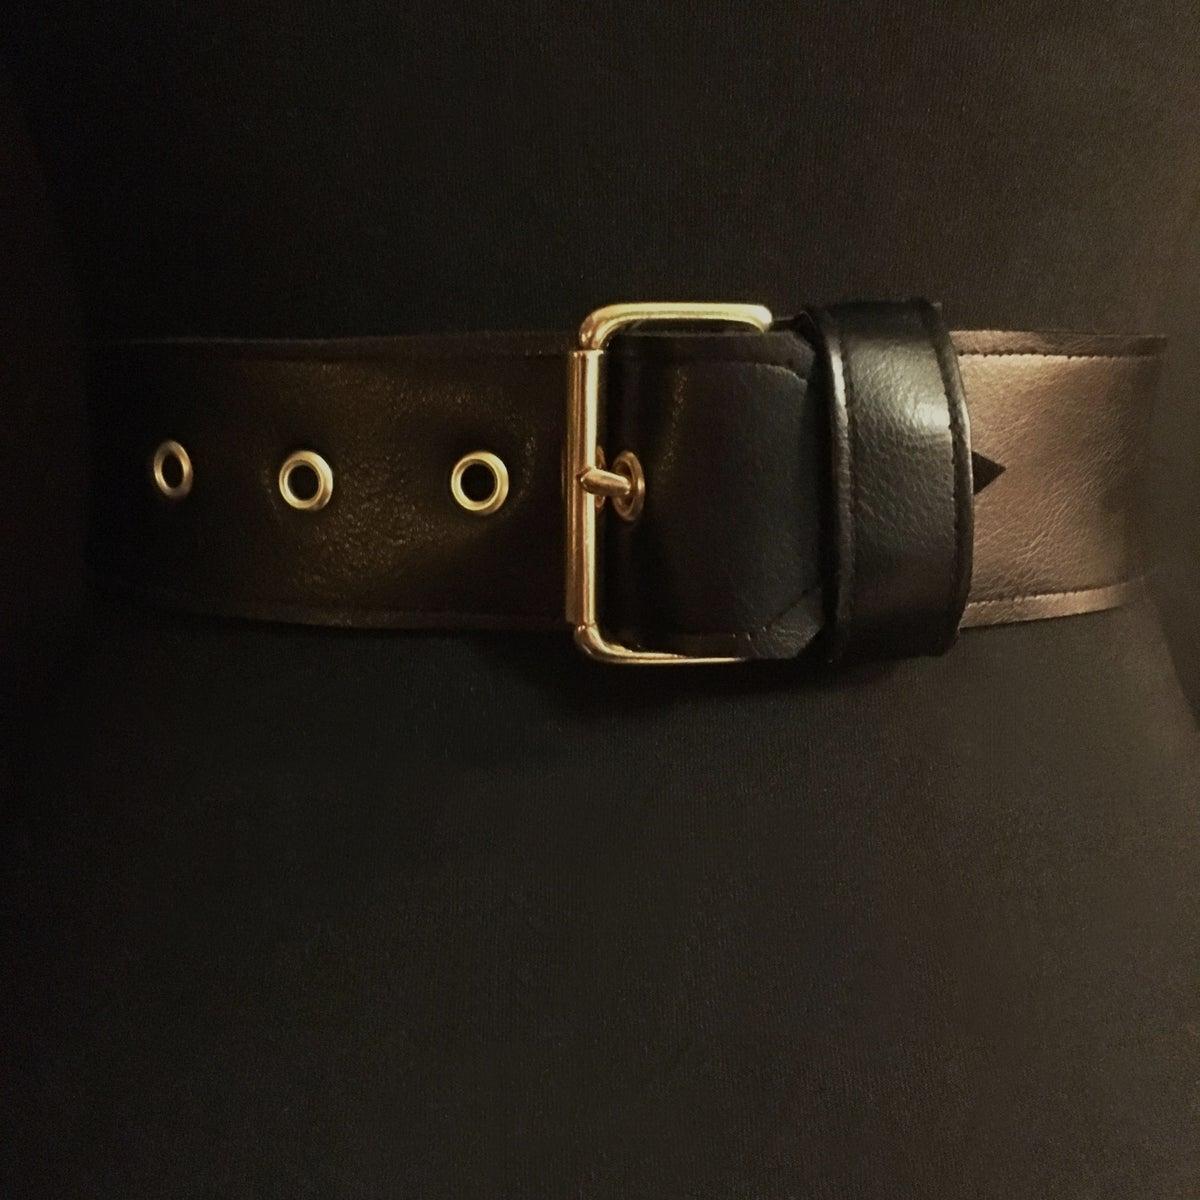 Infinity waist belt cincher